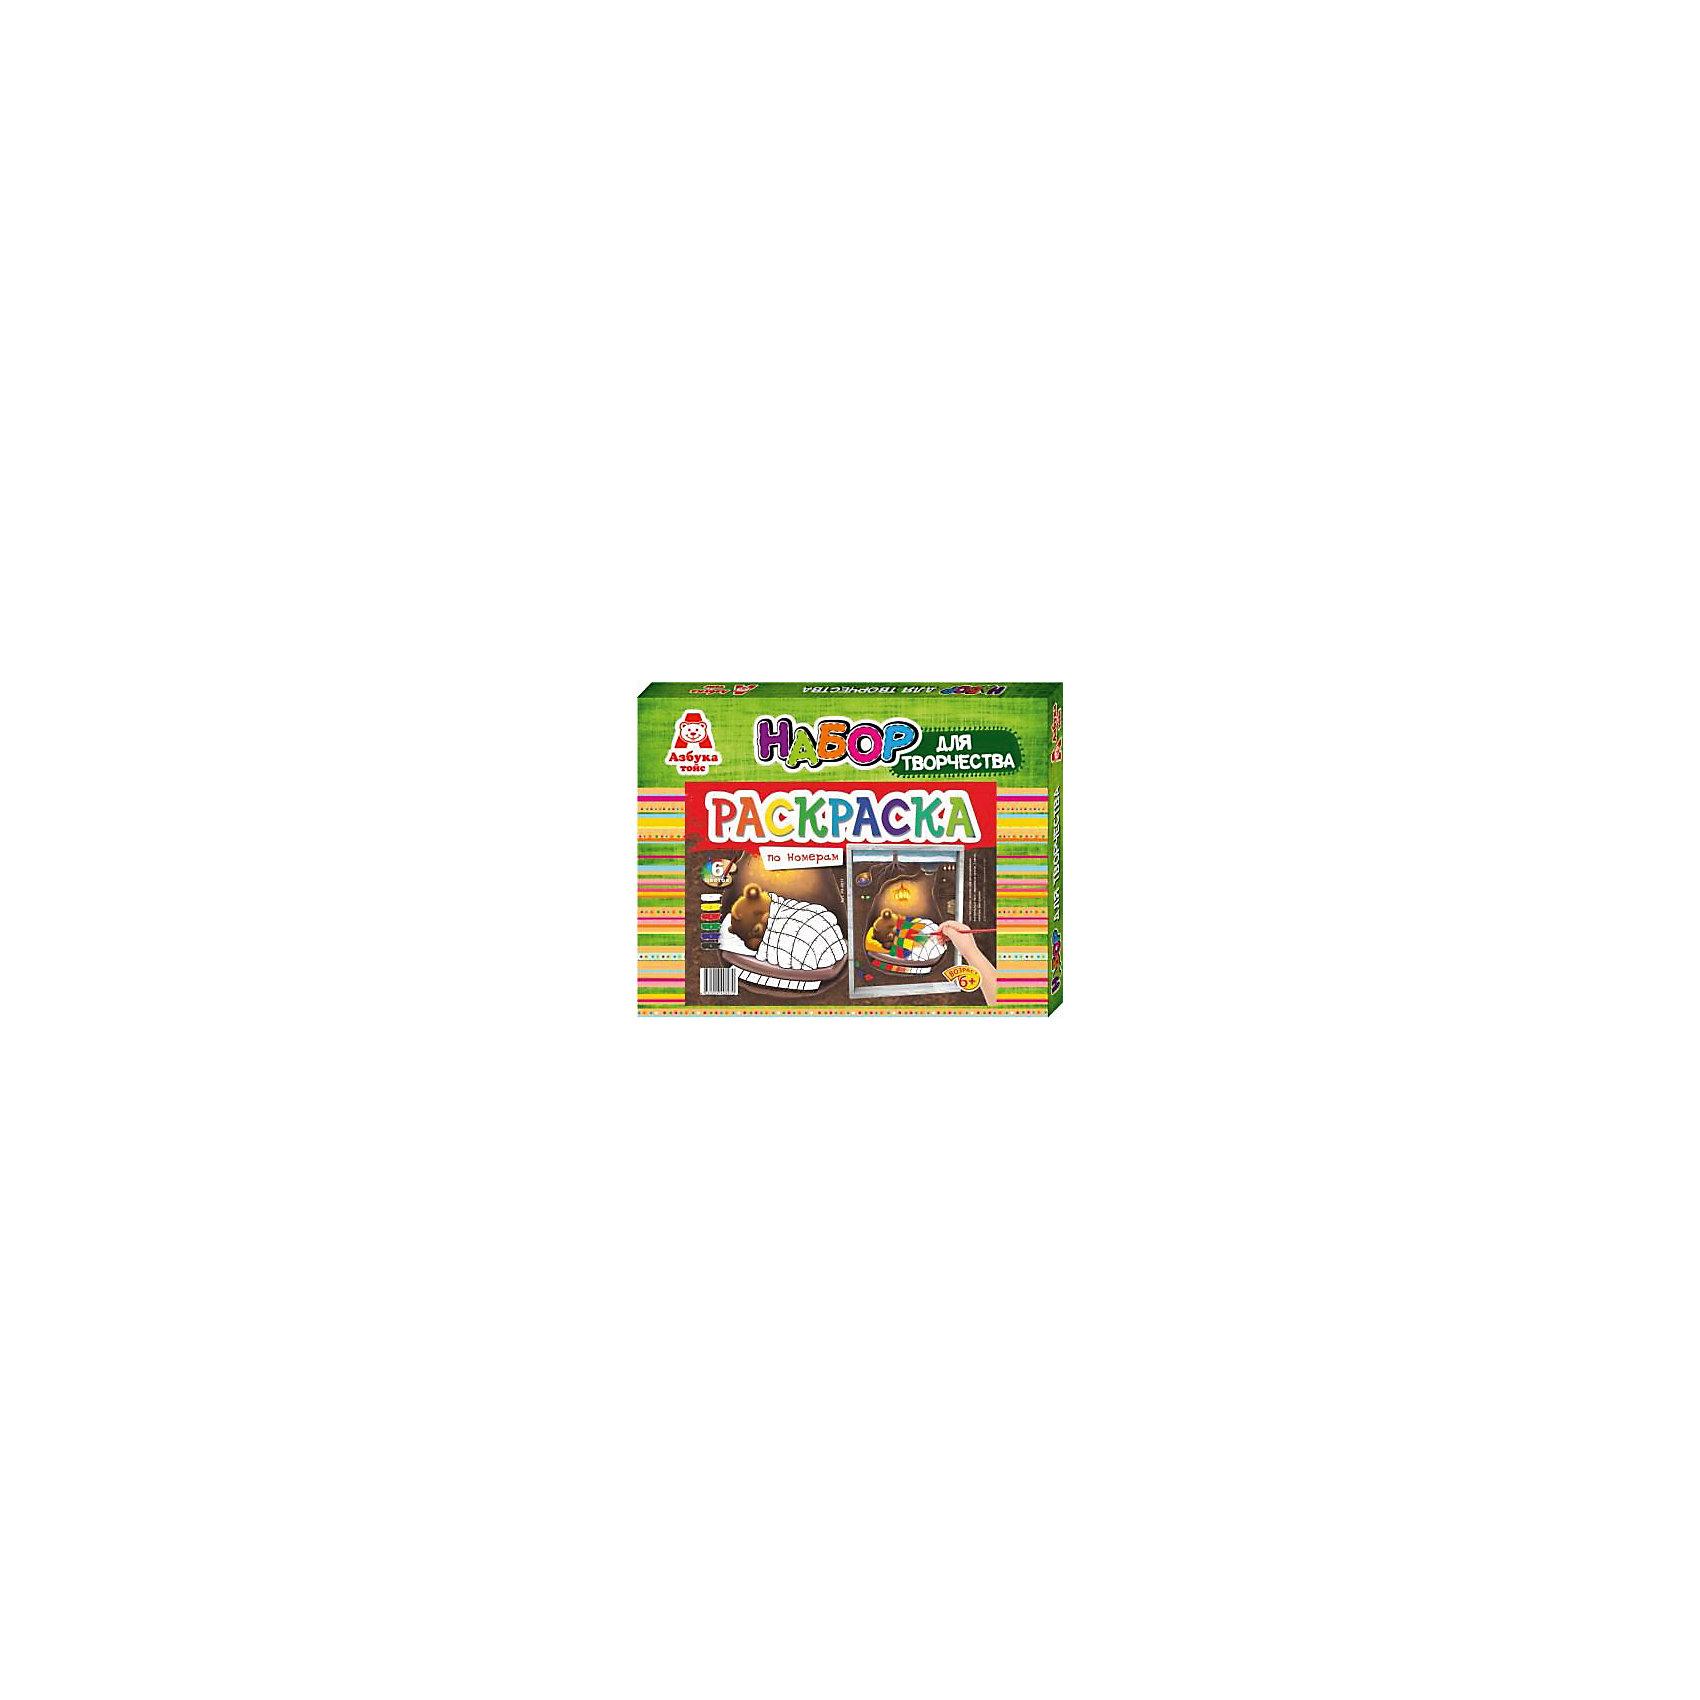 Раскраска по номерам Мишкин сонРисование<br>Характеристики товара:<br><br>• упаковка: коробка<br>• материал: картон, акрил<br>• возраст: 6+<br>• масса: 200 г<br>• габариты: 30х270х210 мм<br>• комплектация: основа с нанесенным контуром, акриловые краски 6 цв., 2 кисточки, палитра для смешивания, картонная рамка и инструкция<br>• страна бренда: РФ<br>• страна изготовитель: РФ<br><br>Раскрашивание картинок – всеми любимый увлекательный процесс. Отличительной особенностью набора является то, что картинка разделена на зоны с нумерацией. Каждый номер – один цвет, соответствующий цвету в наборе красок. В итоге получается красивая картина. Это поможет ребенку поверить в свои силы и развить творческие способности.<br>Набор станет отличным подарком ребенку, так как он сможет сам сделать красивую вещь для себя или в качестве подарка близким! Материалы, использованные при изготовлении товара, сертифицированы и отвечают всем международным требованиям по качеству. <br><br>Раскраску по номерам Мишкин сон от бренда Азбука Тойс можно приобрести в нашем интернет-магазине.<br><br>Ширина мм: 270<br>Глубина мм: 30<br>Высота мм: 210<br>Вес г: 200<br>Возраст от месяцев: 72<br>Возраст до месяцев: 120<br>Пол: Унисекс<br>Возраст: Детский<br>SKU: 5062875